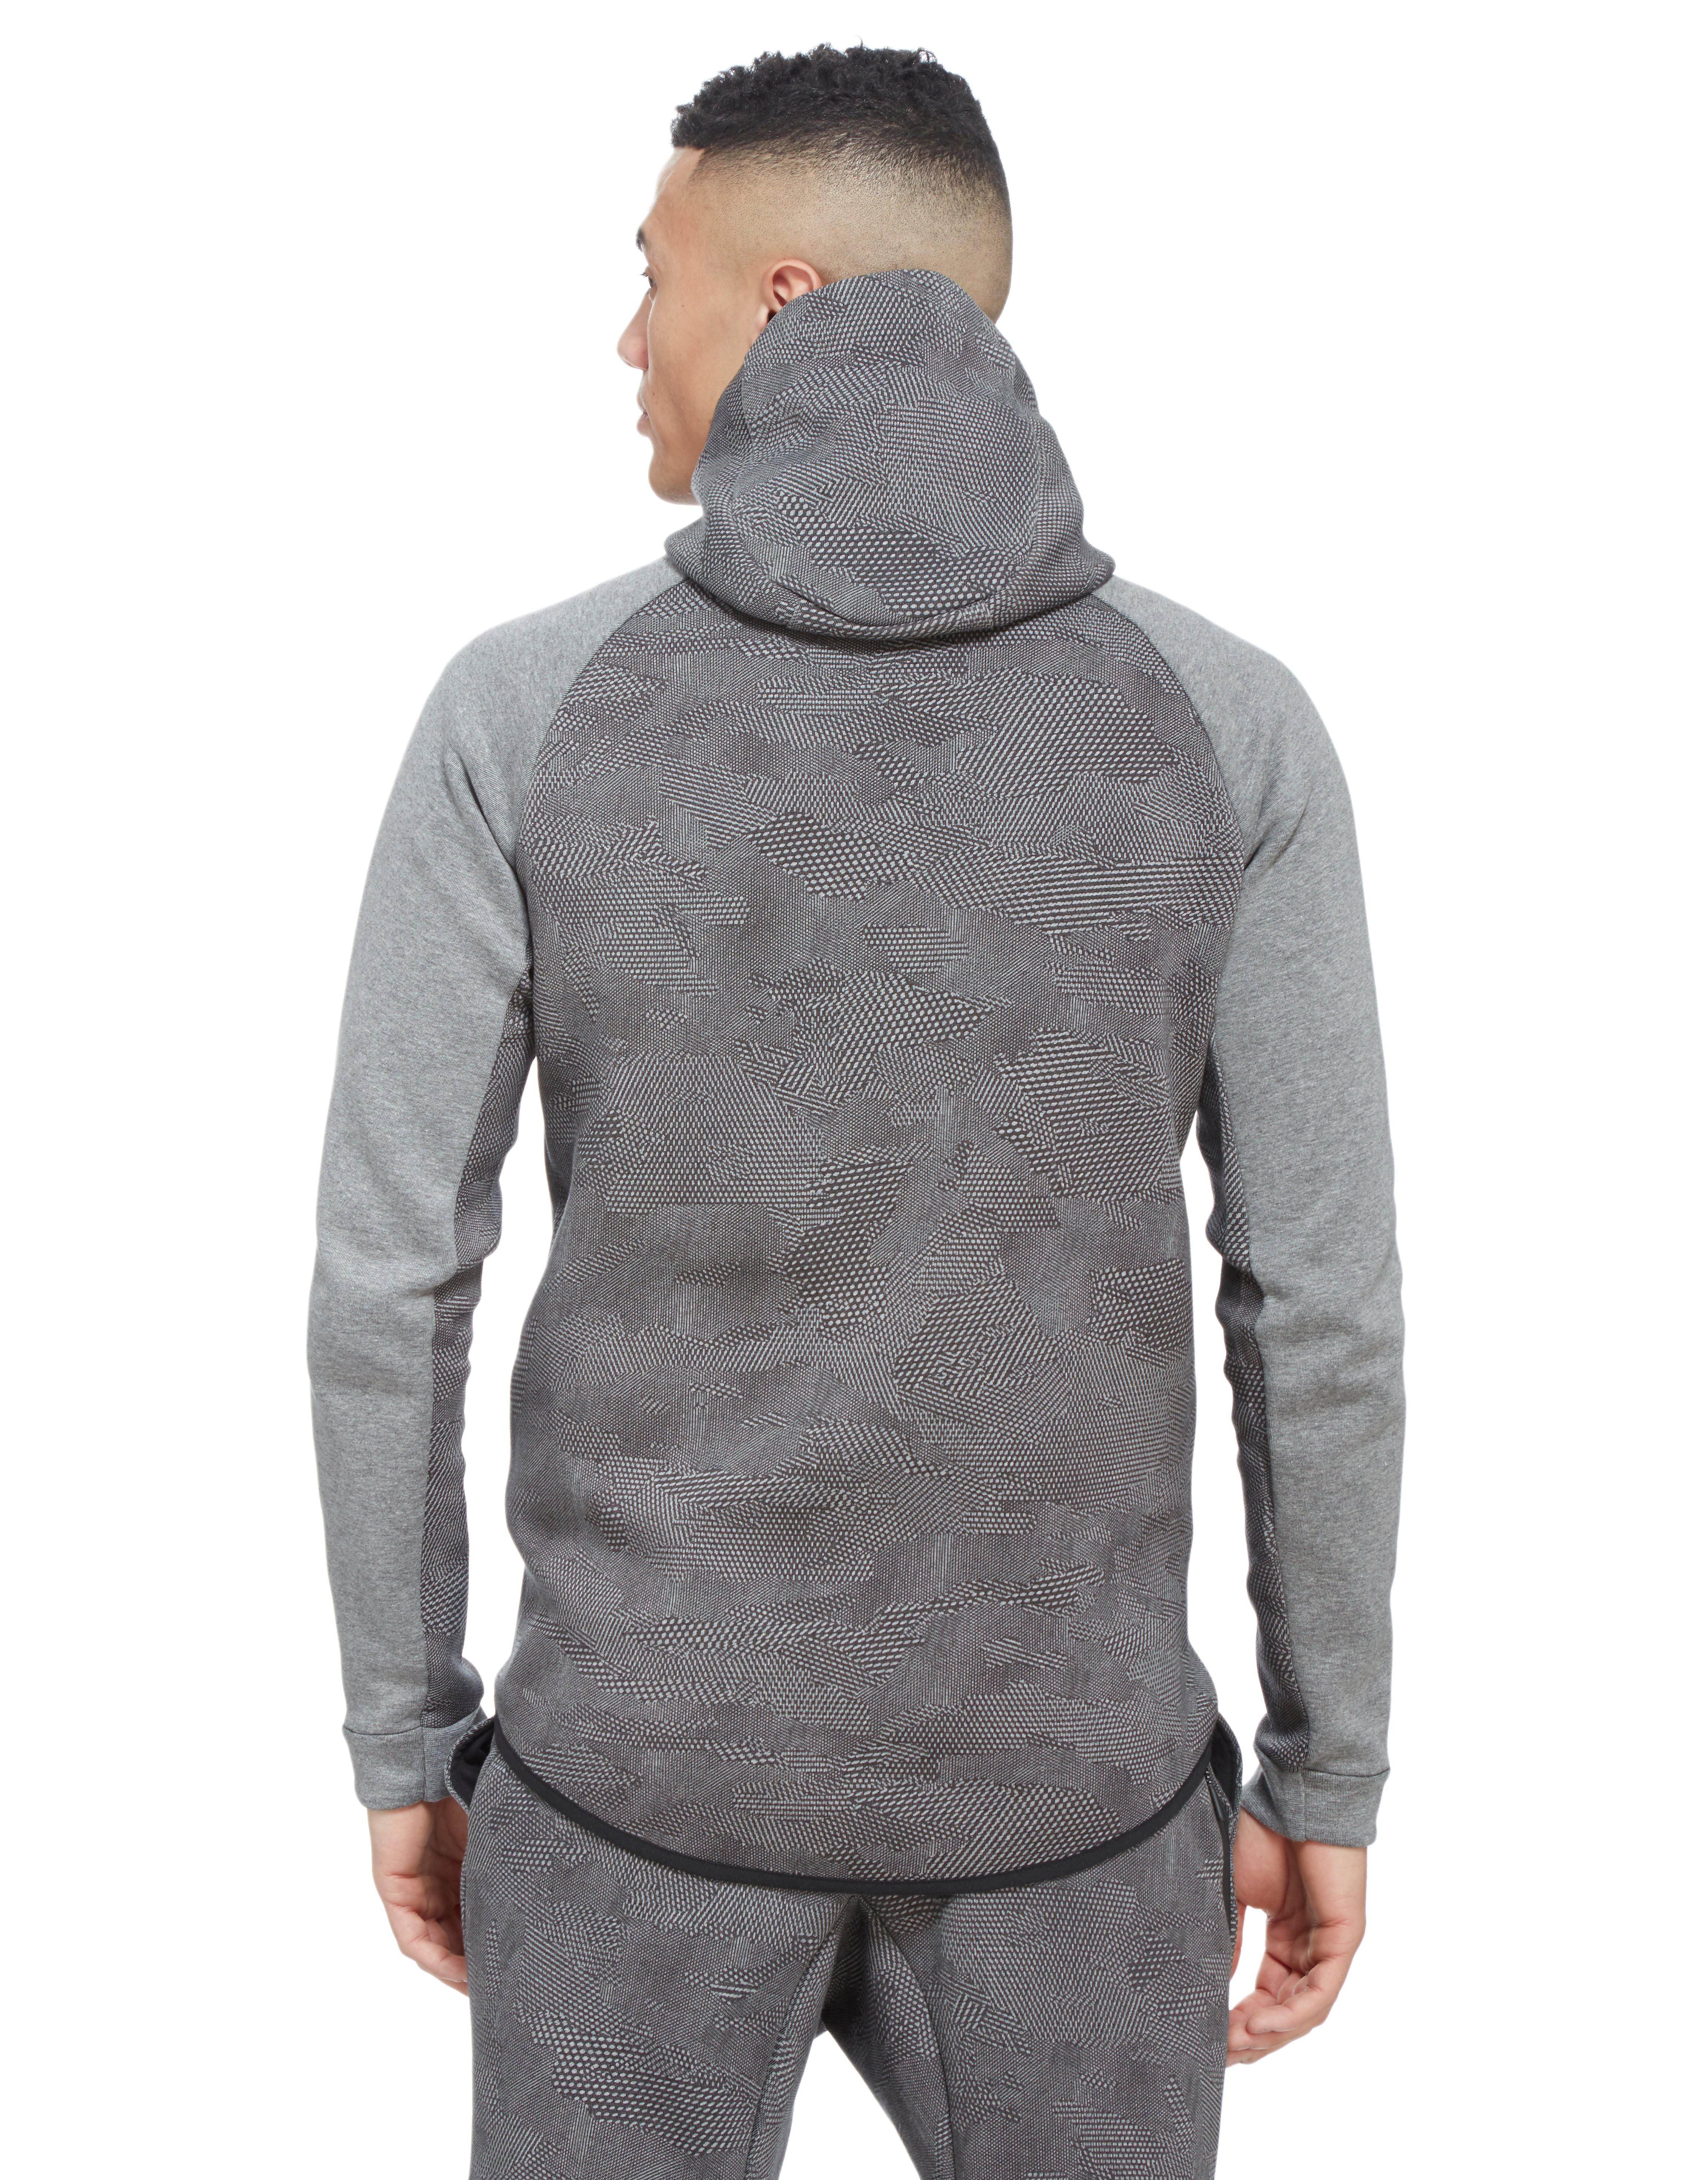 Nike Tech Fleece All-Over-Print Hoody